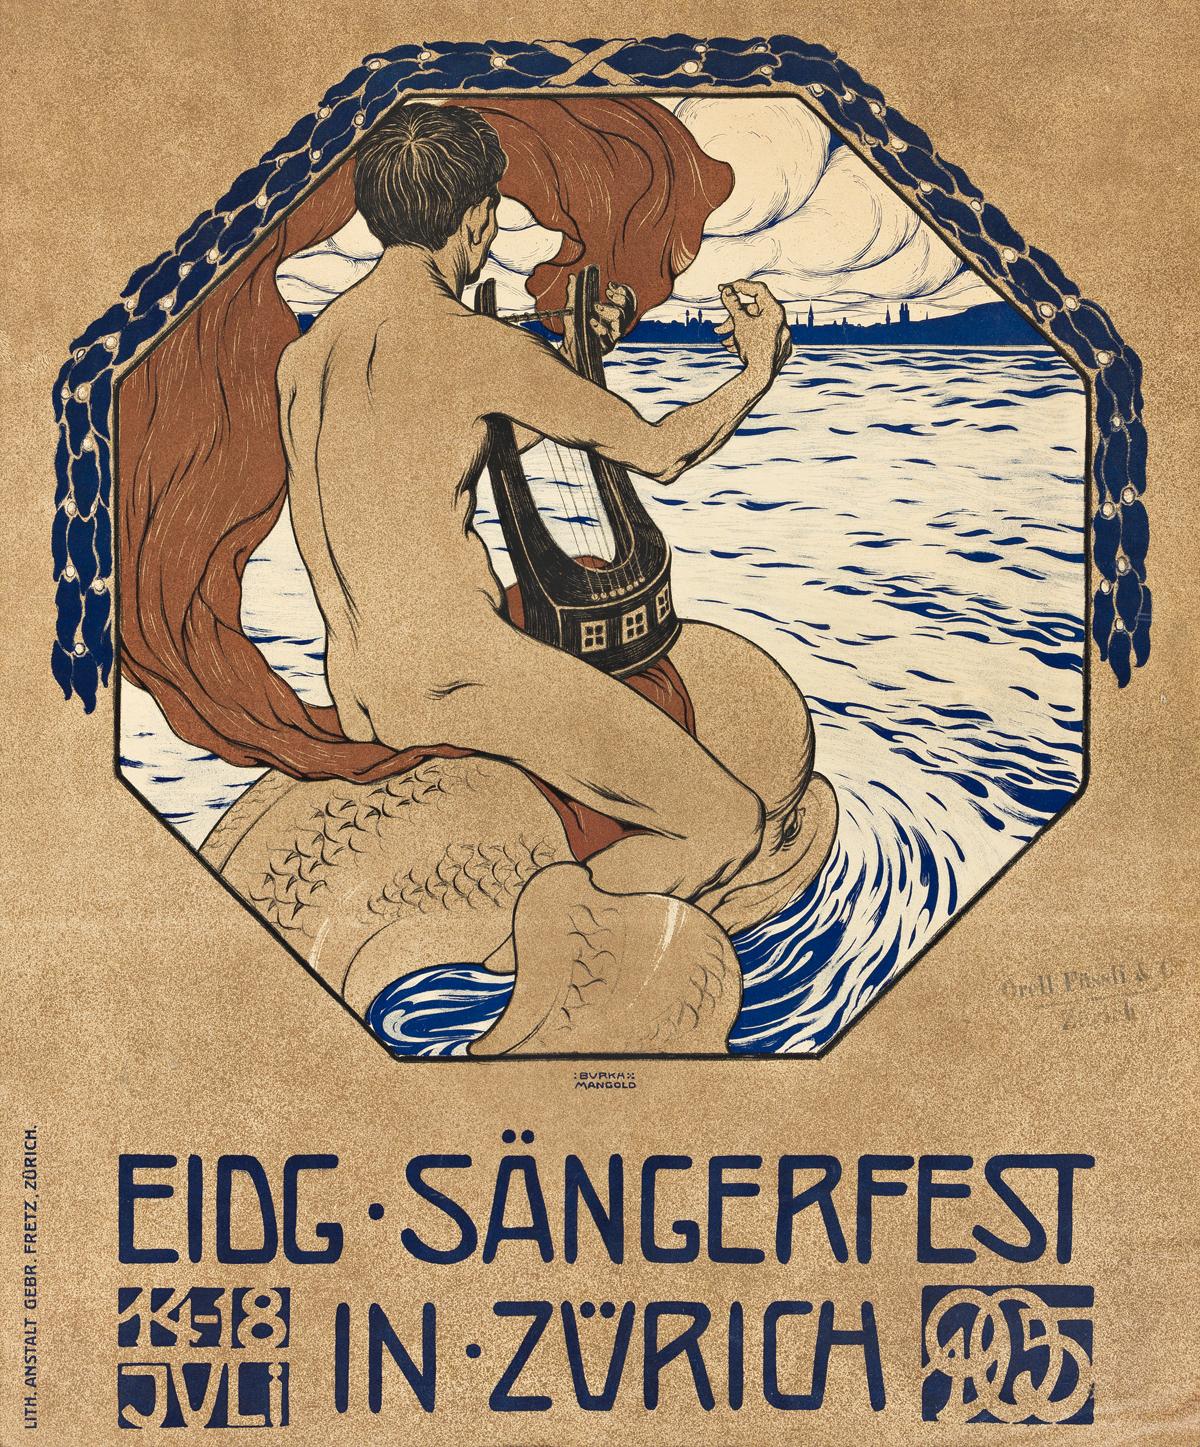 BURKHARD MANGOLD (1873-1950).  EIDG SÄNGERFEST IN ZÜRICH. 1905. 37x31 inches, 95x78 cm. Gebr Fretz, Zurich.